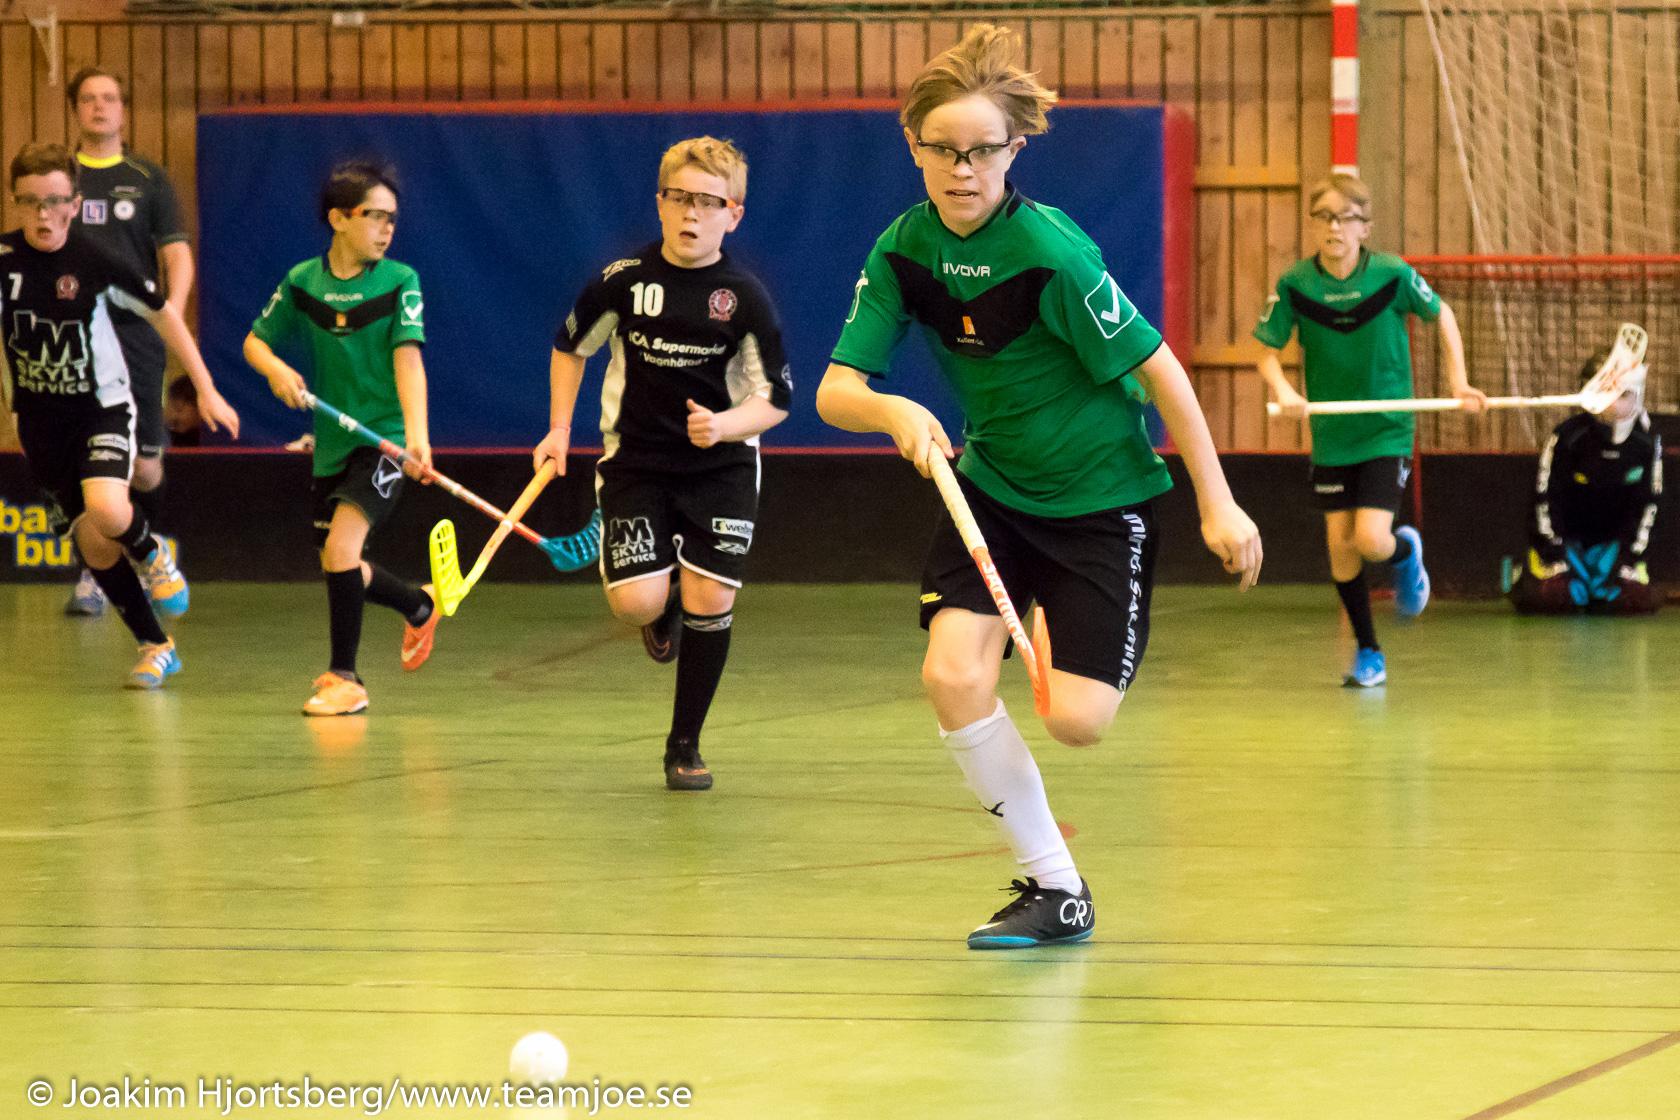 20160409_1651-7 Örebrocupen